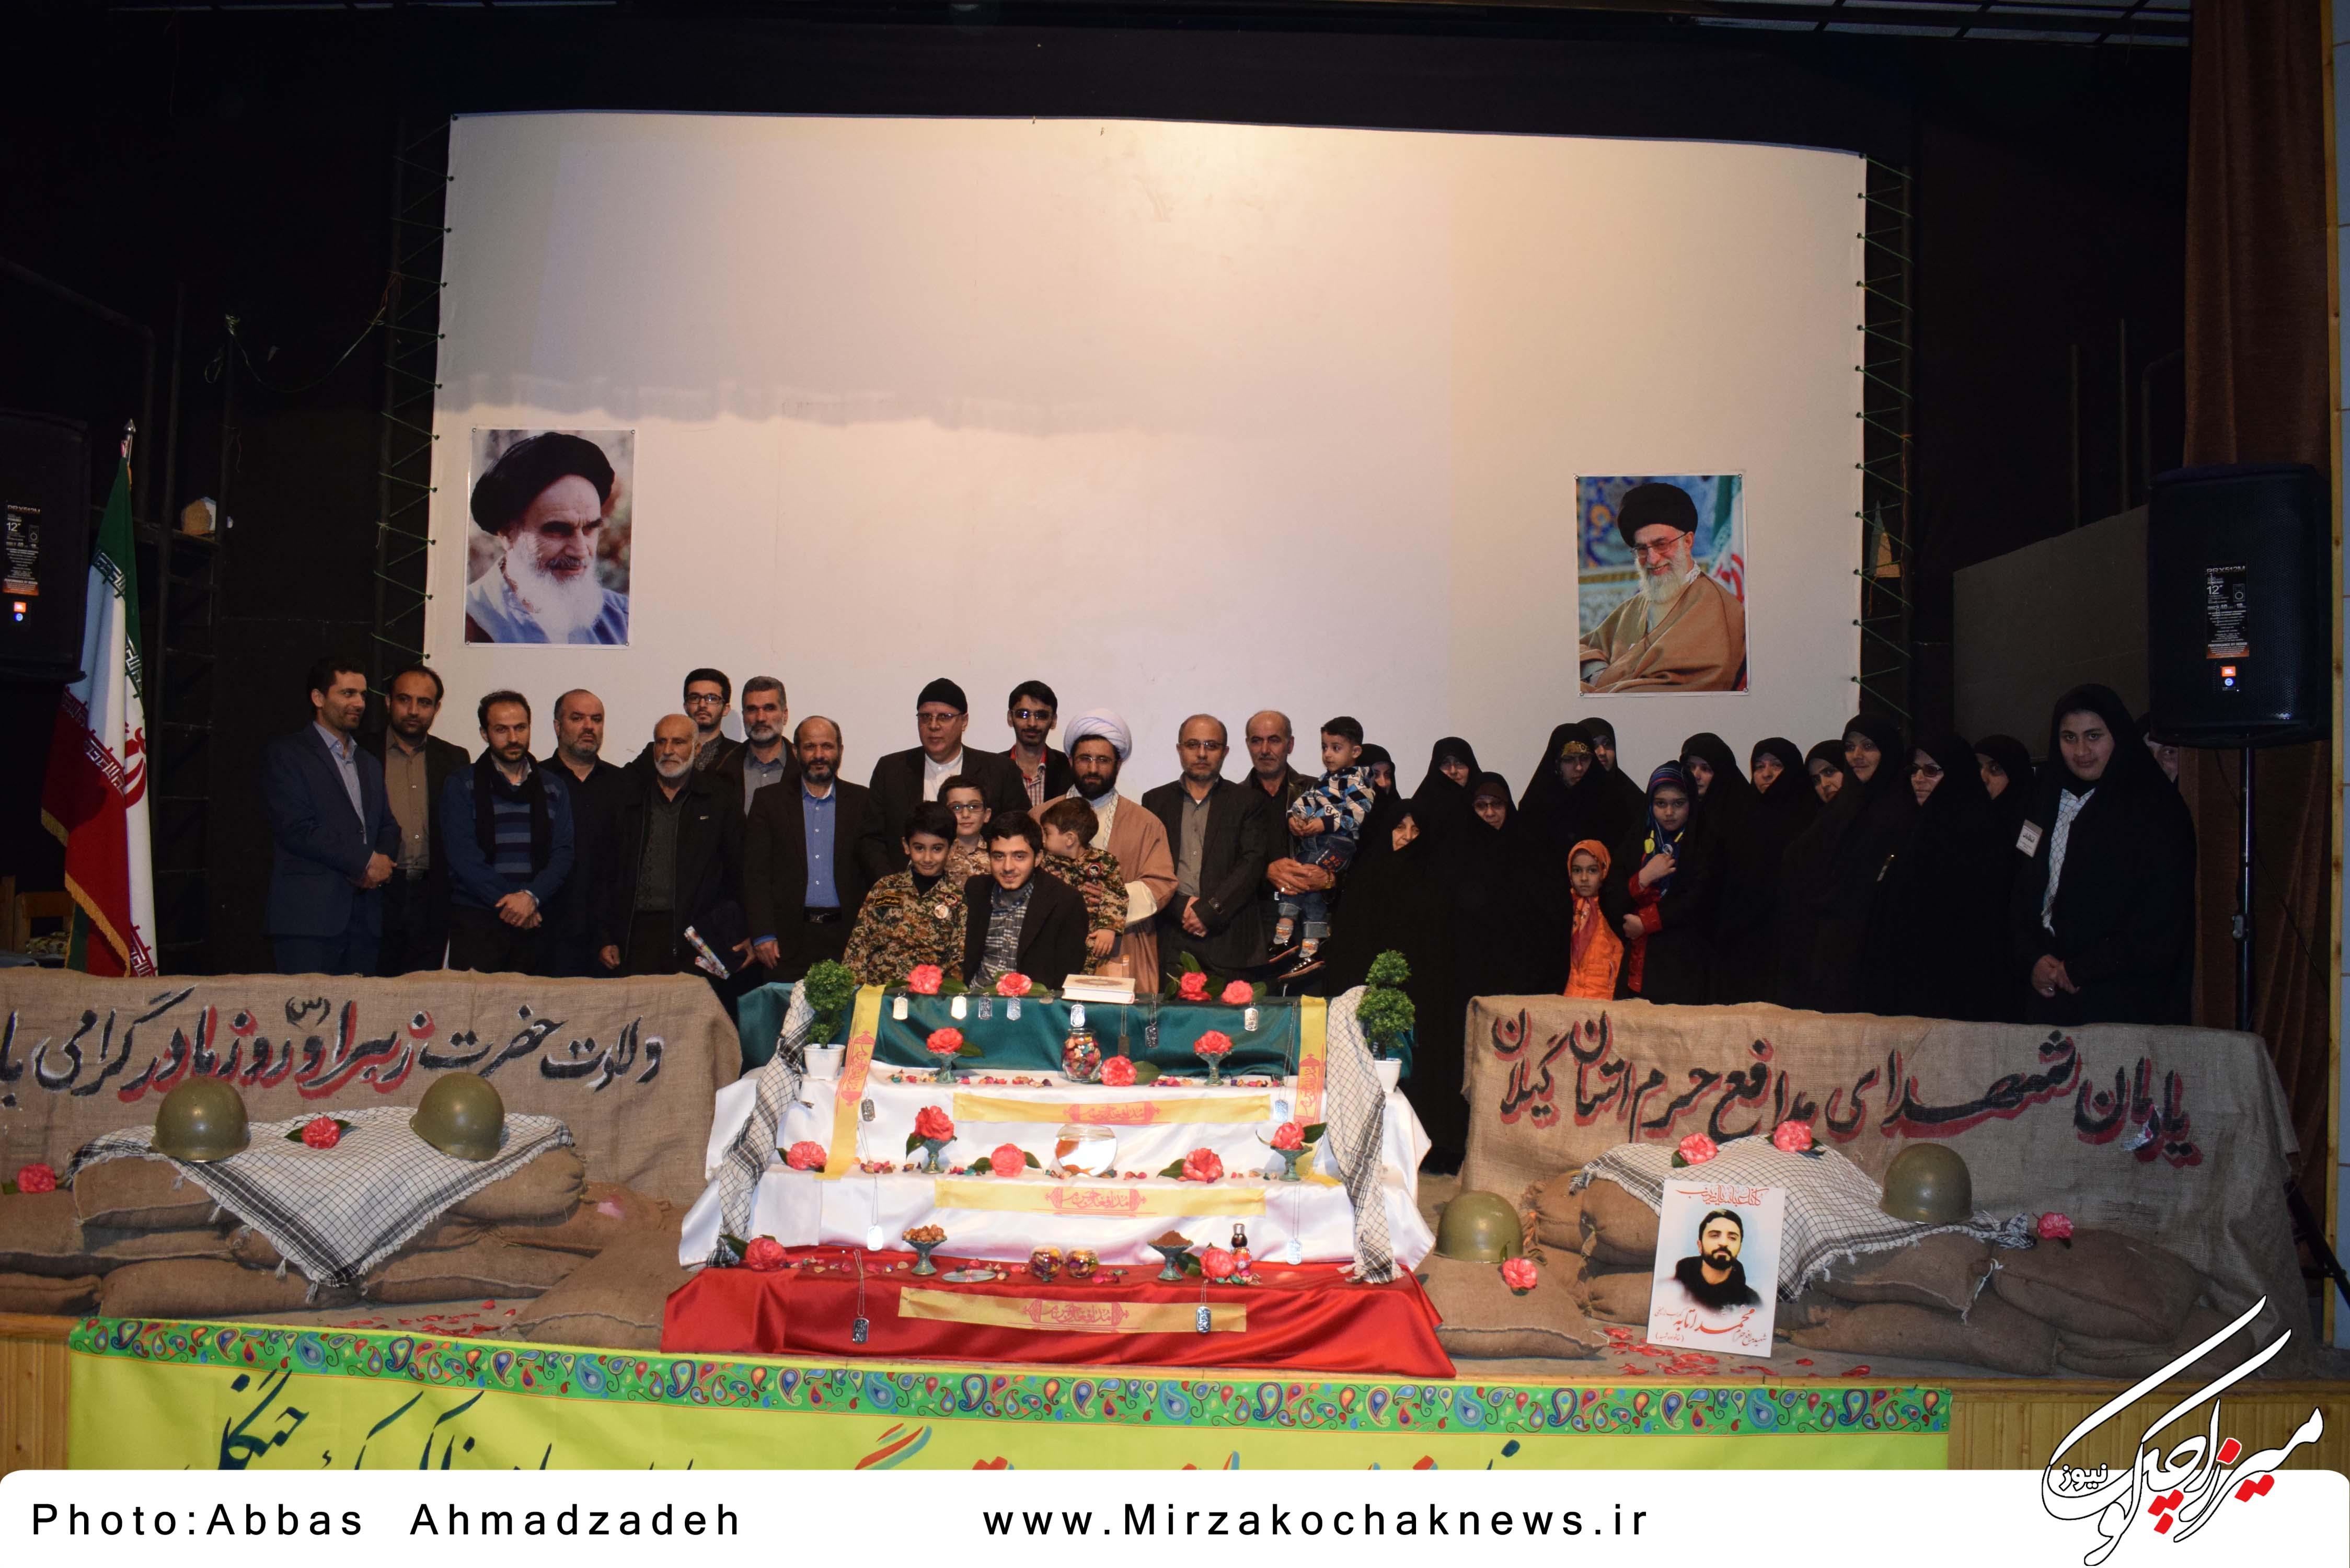 مراسم تجلیل از خانوادههای معظم شهدای مدافع حرم استان گیلان